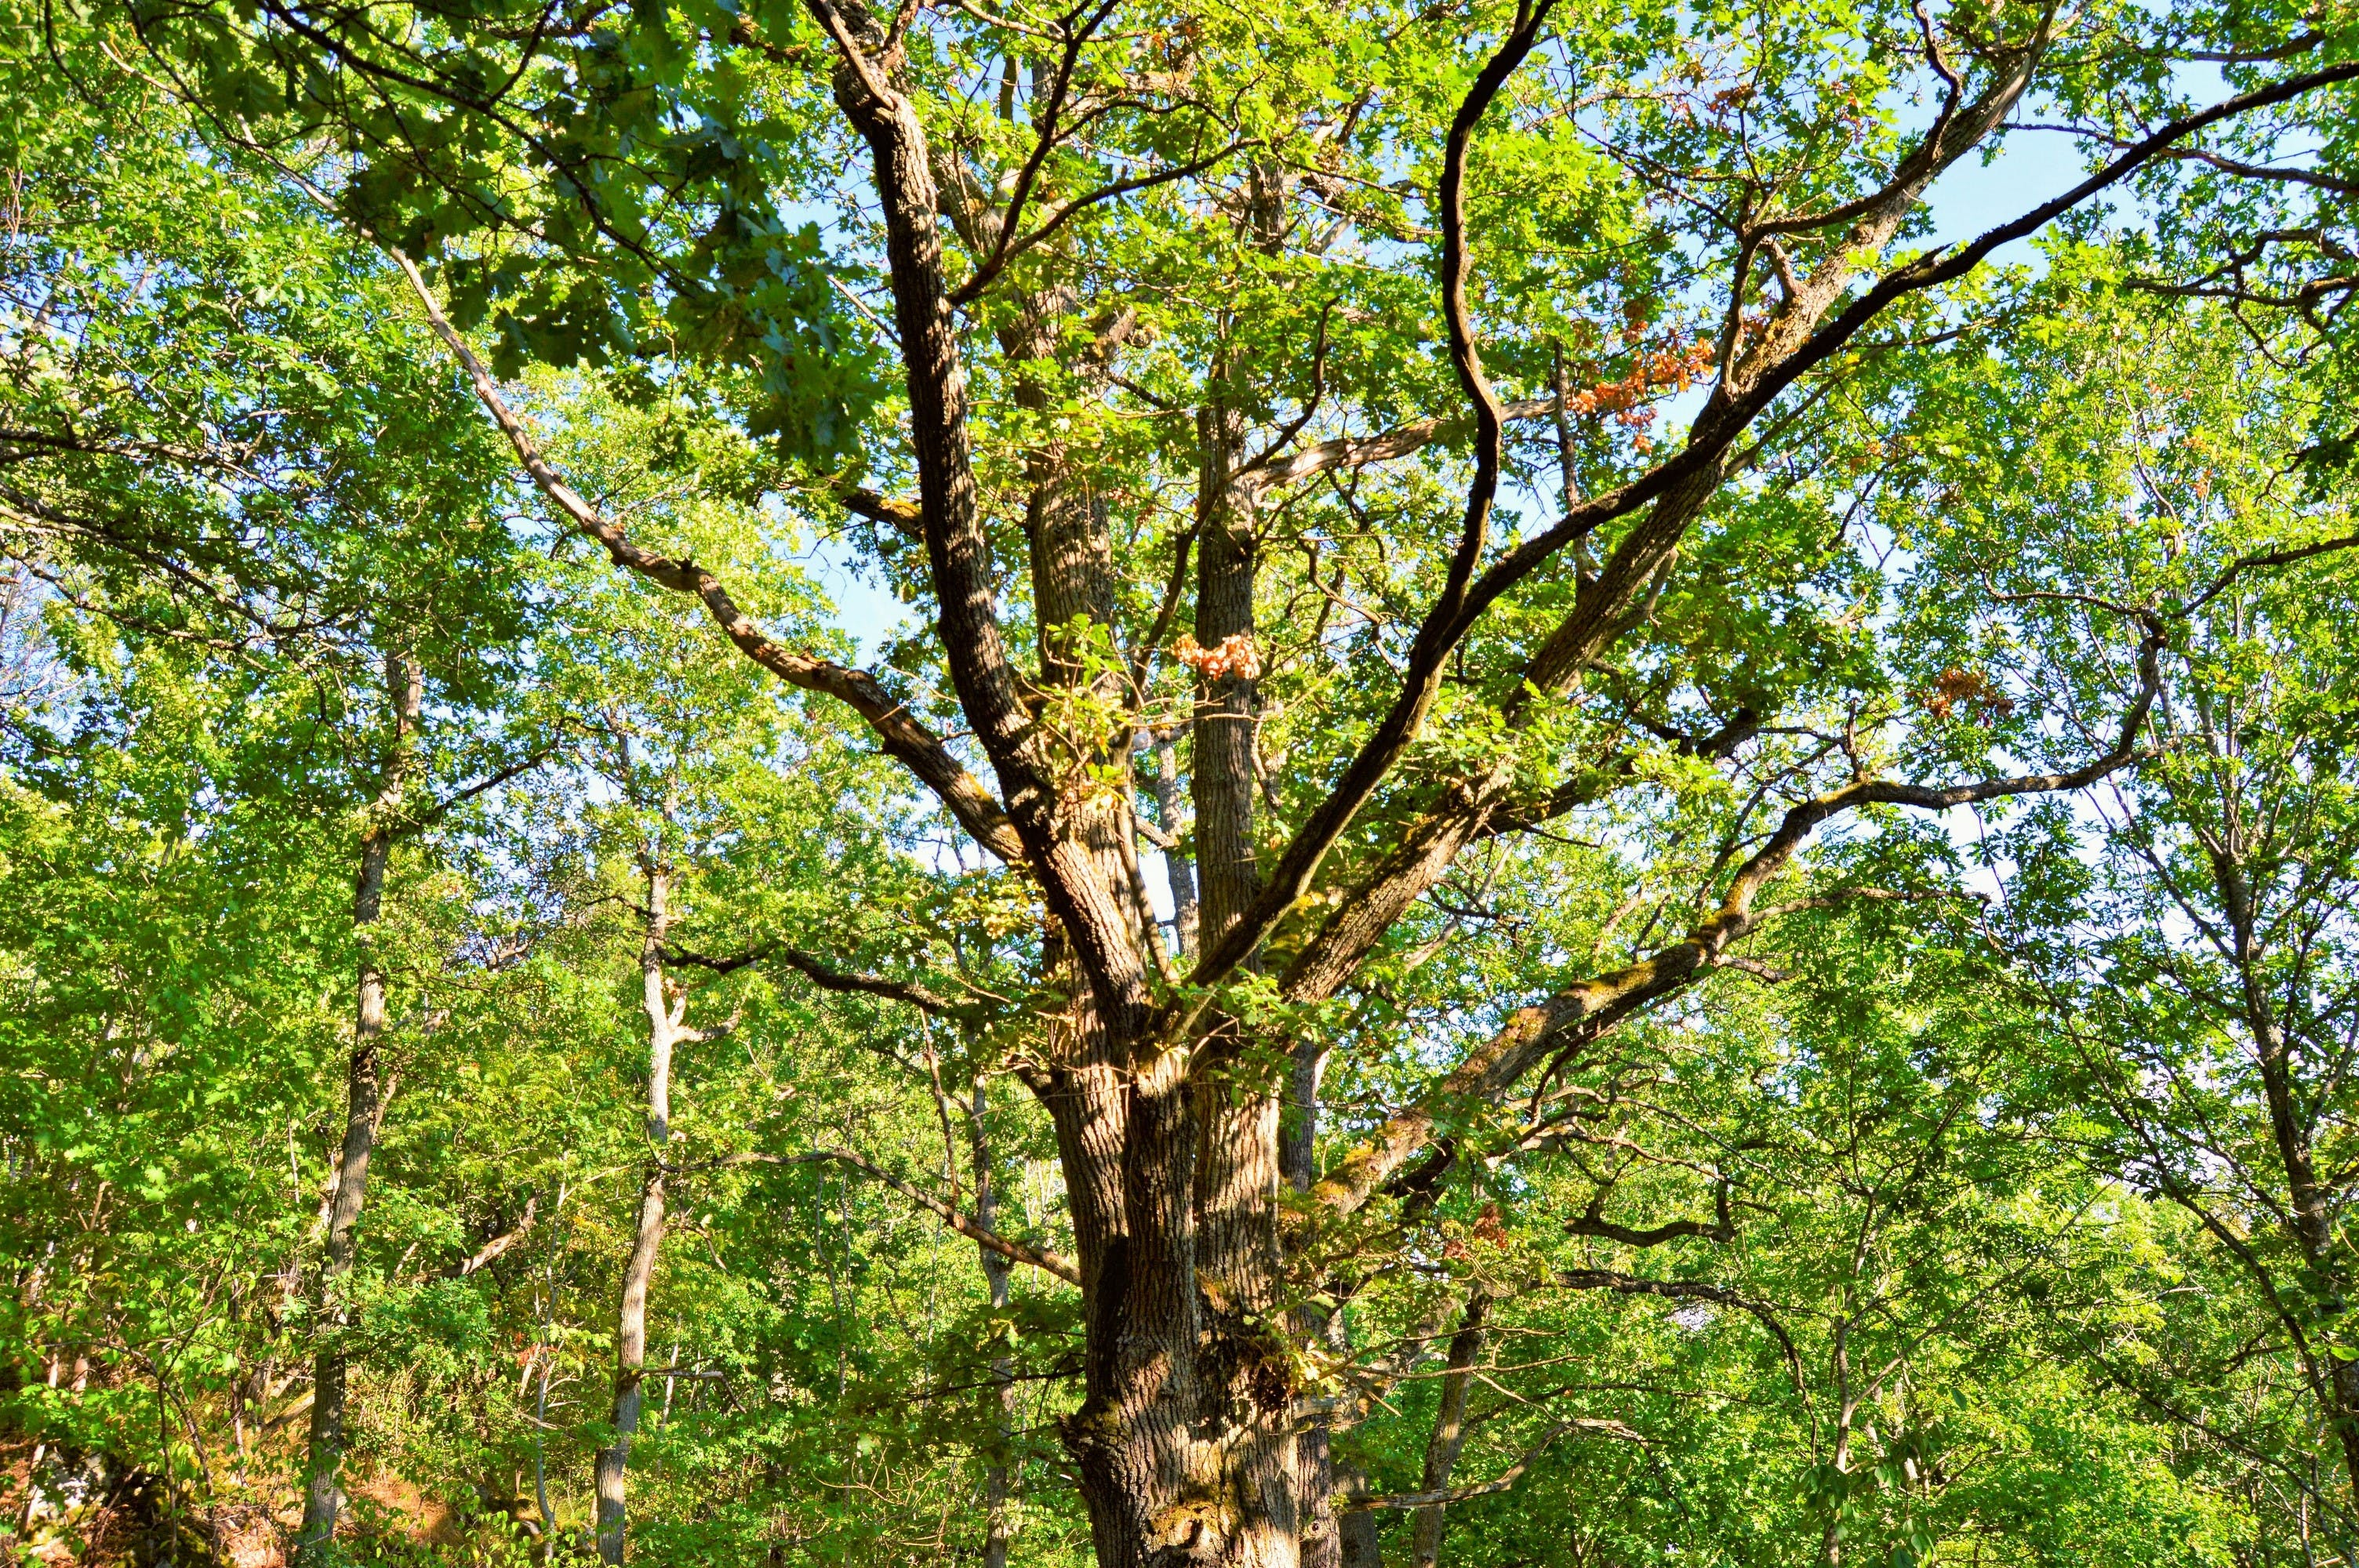 Fotos de stock gratuitas de árbol, arboles, huskvarna, naturaleza